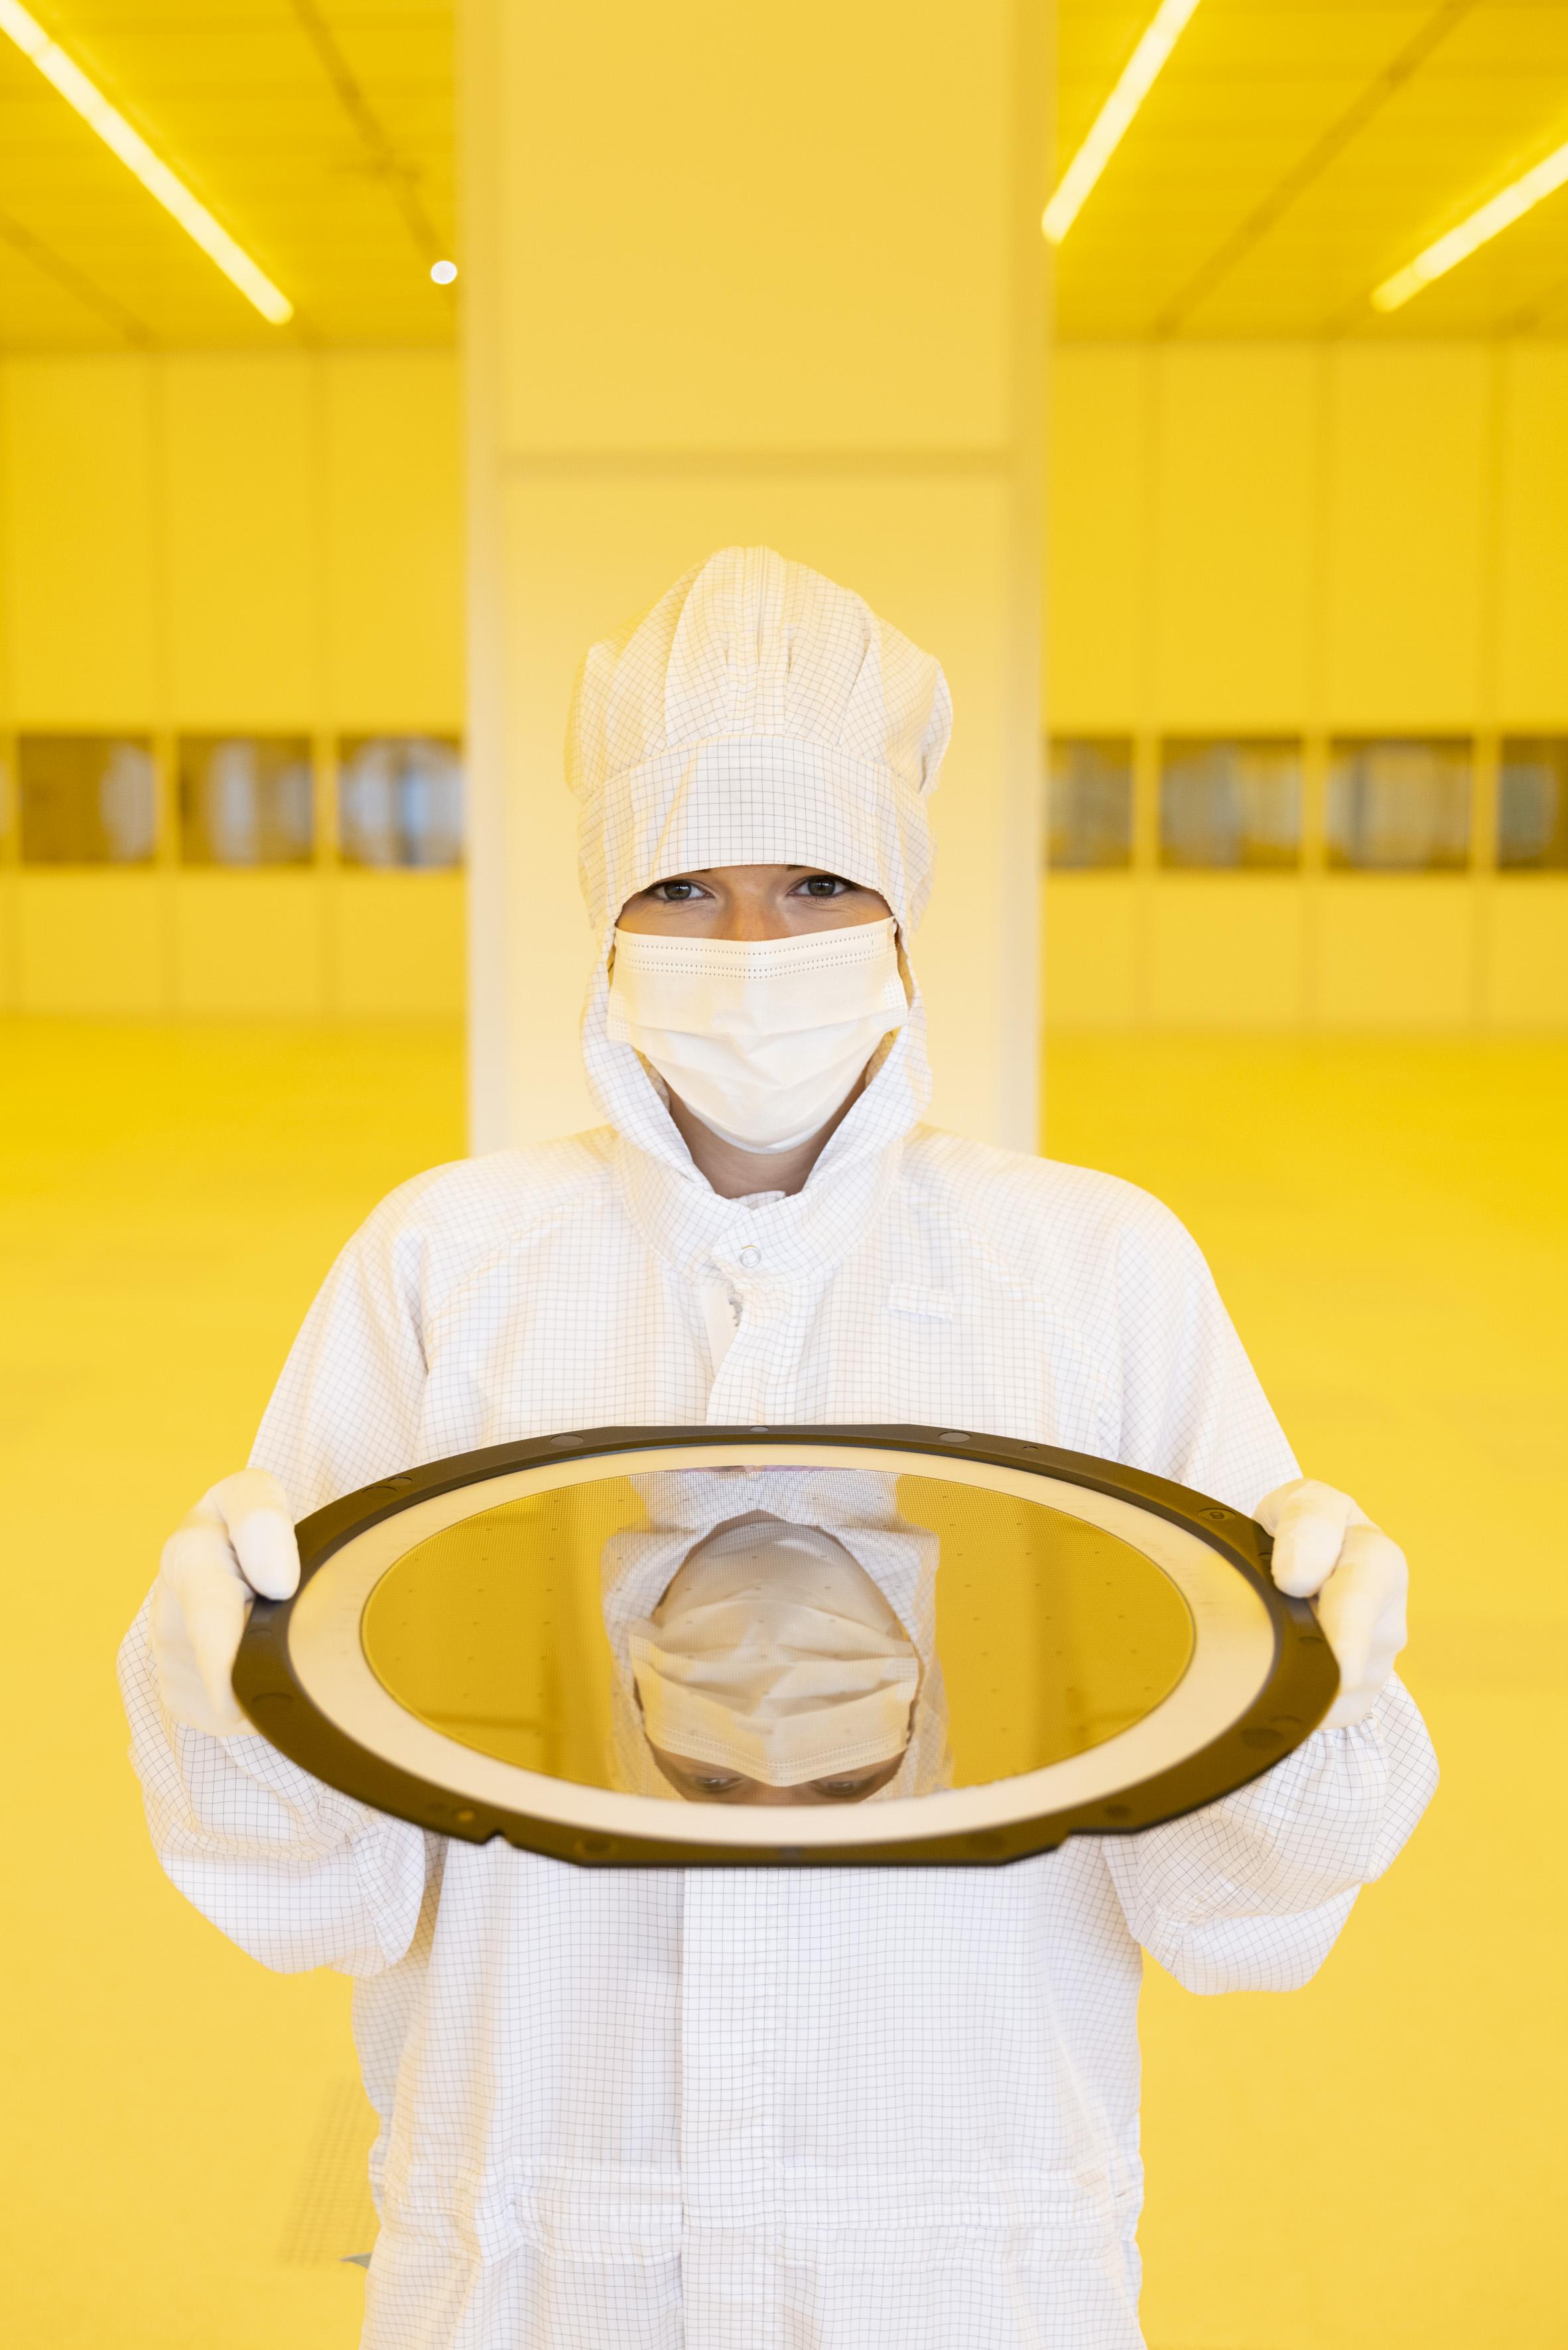 Drážďanský závod je prvou AIoT továrňou spoločnosti Bosch . AIoT je skratka pre spojenie umelej inteligencie (AI) a Internetu vecí (IoT).